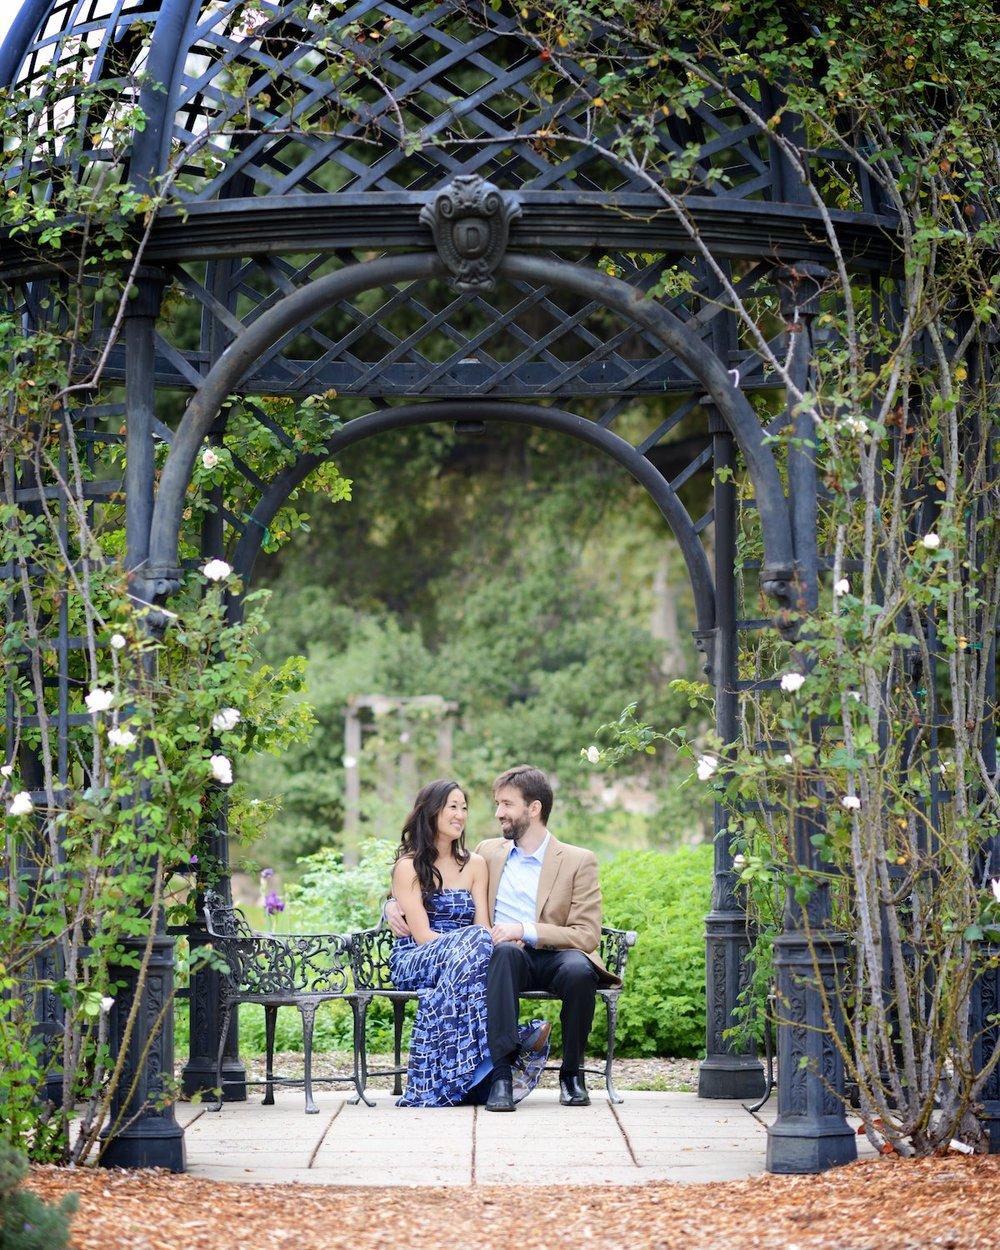 descanso-gardens-michal-pfeil-19.jpg